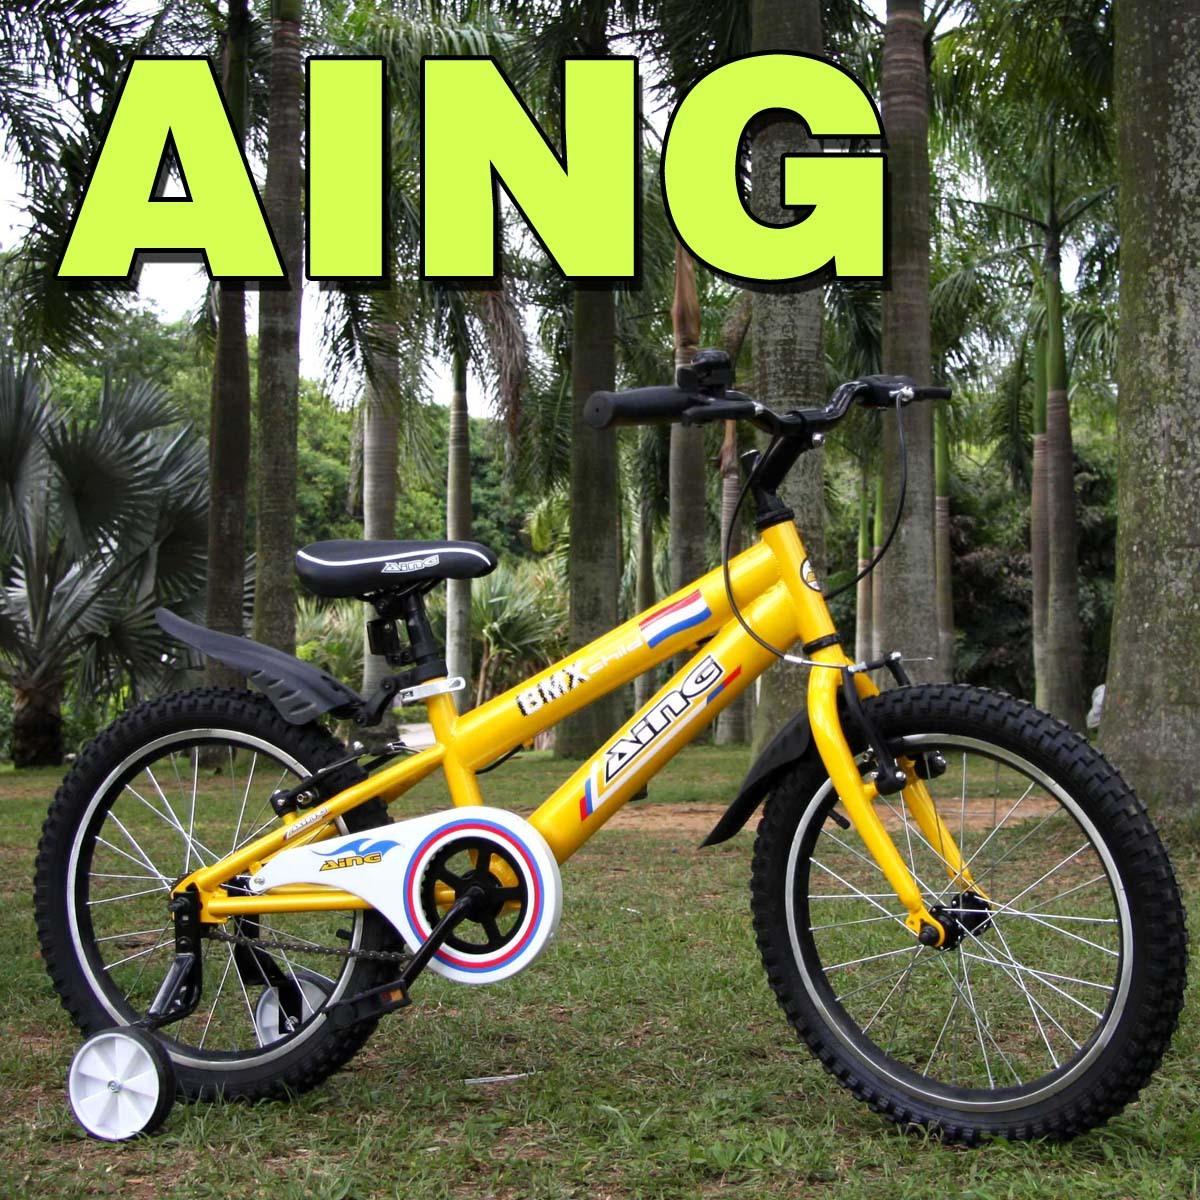 儿童自行车_360百科